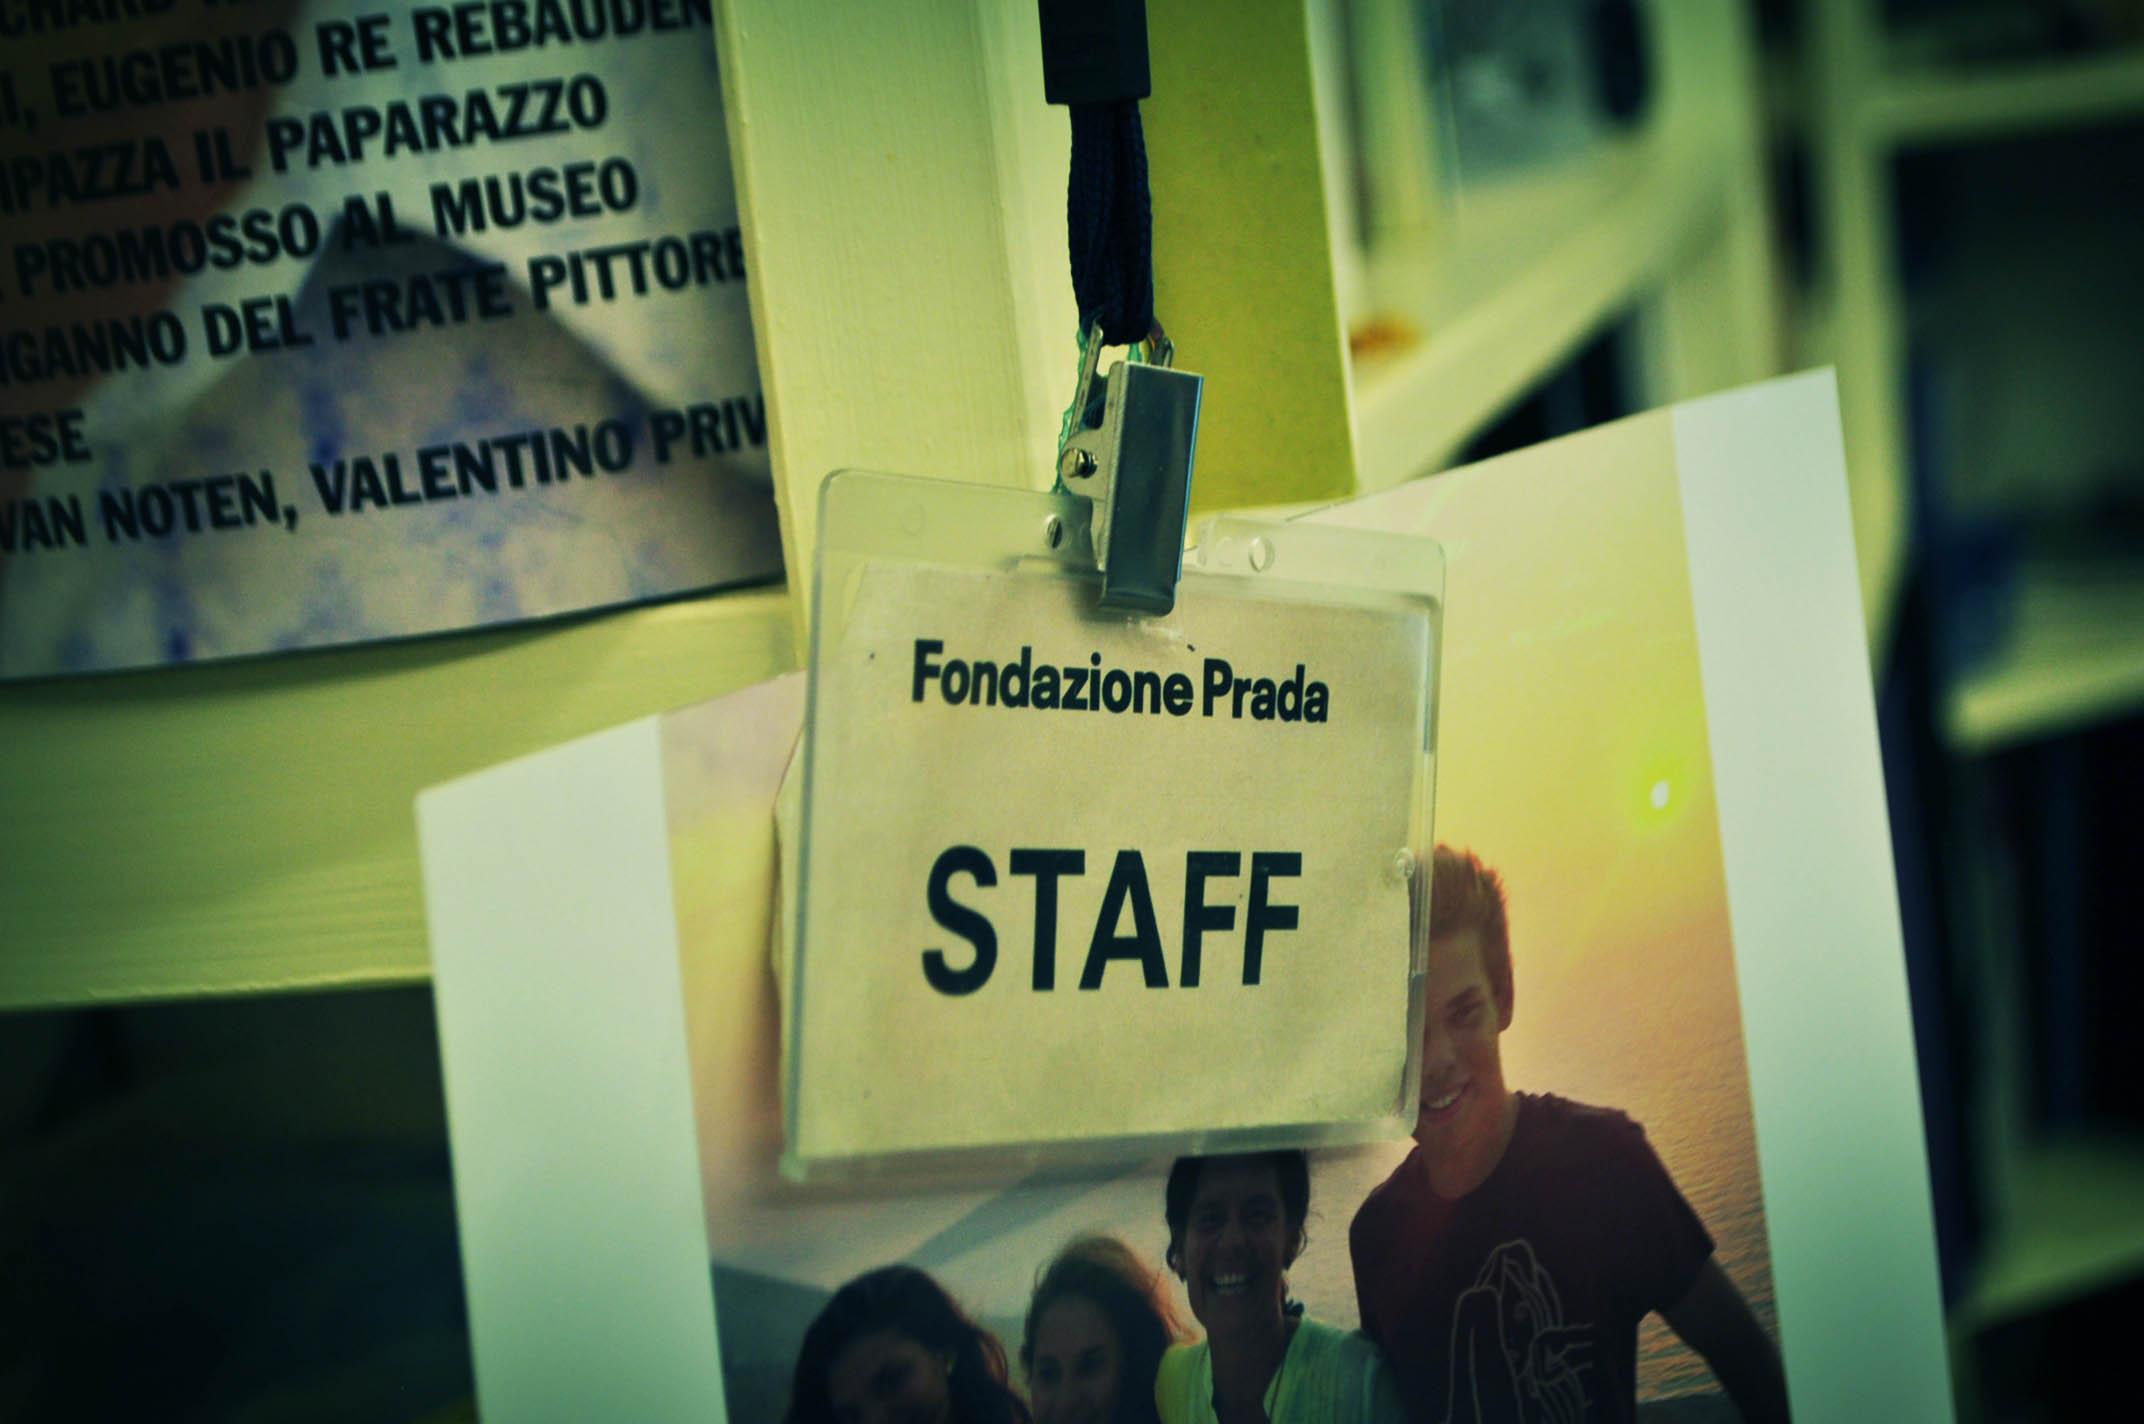 Un ricordo delle commissioni per la Fondazione Prada